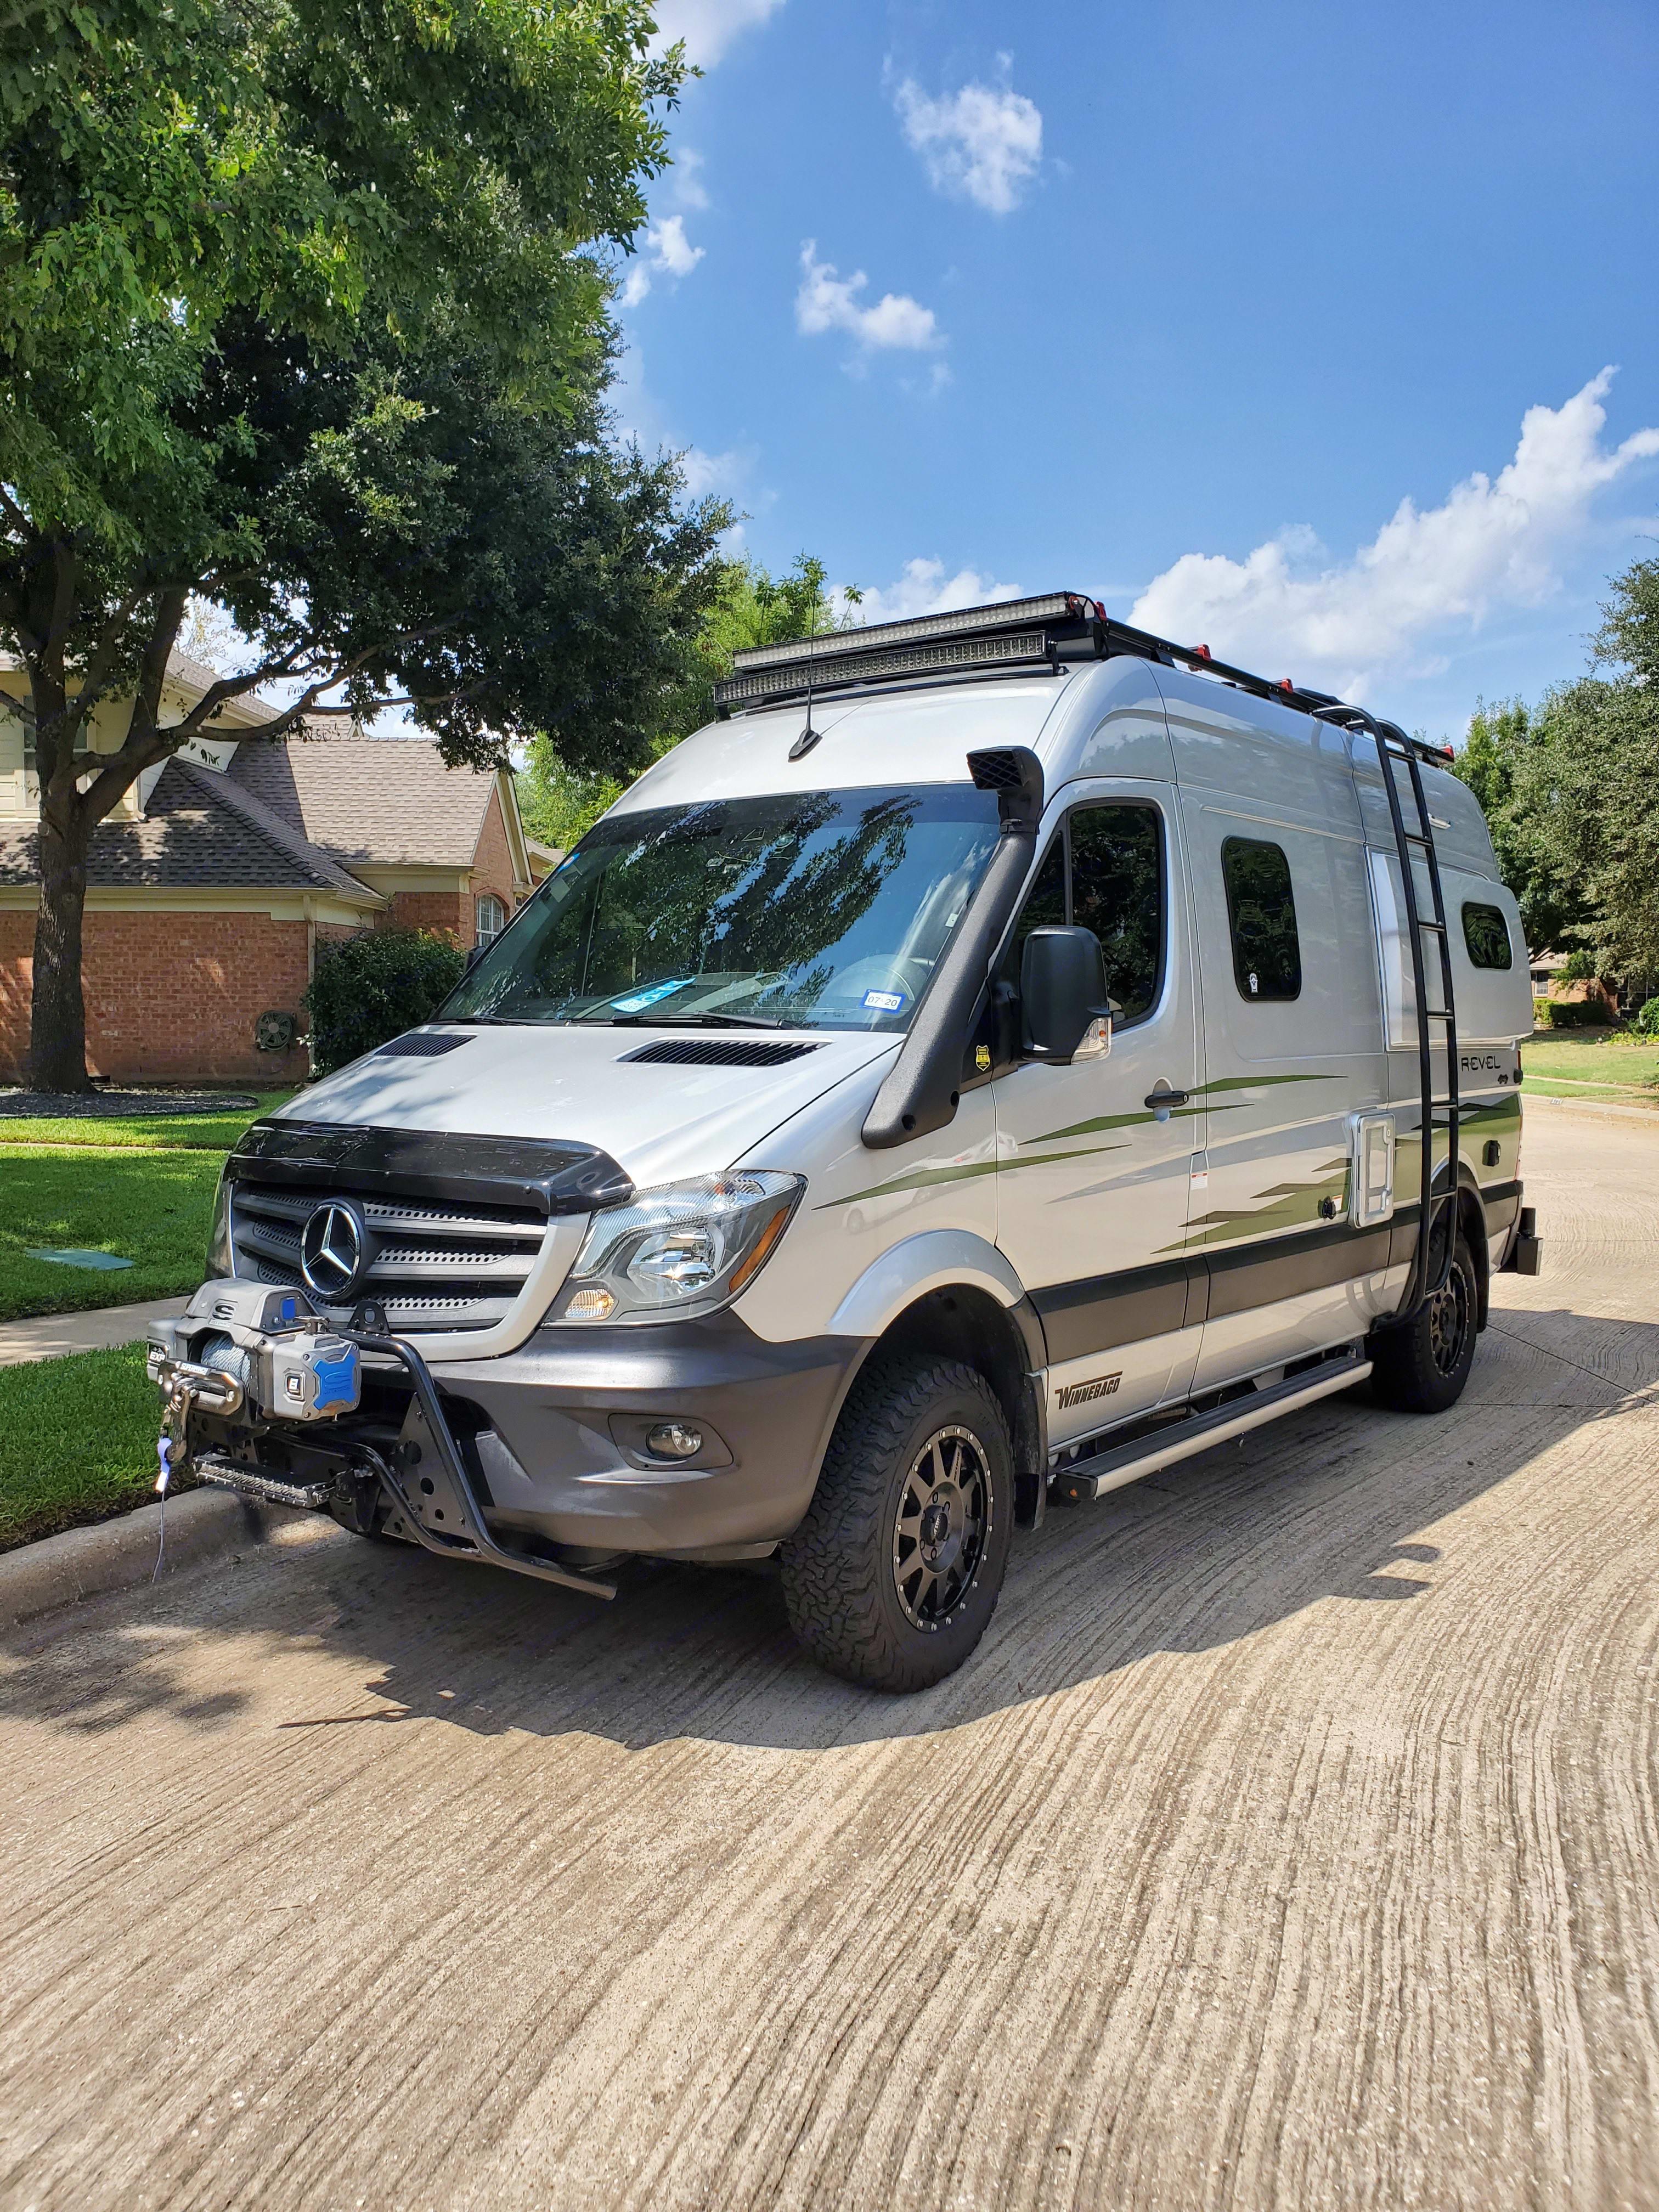 Offroad 4x4 Adventure Van. Winnebago Revel 4x4 2019